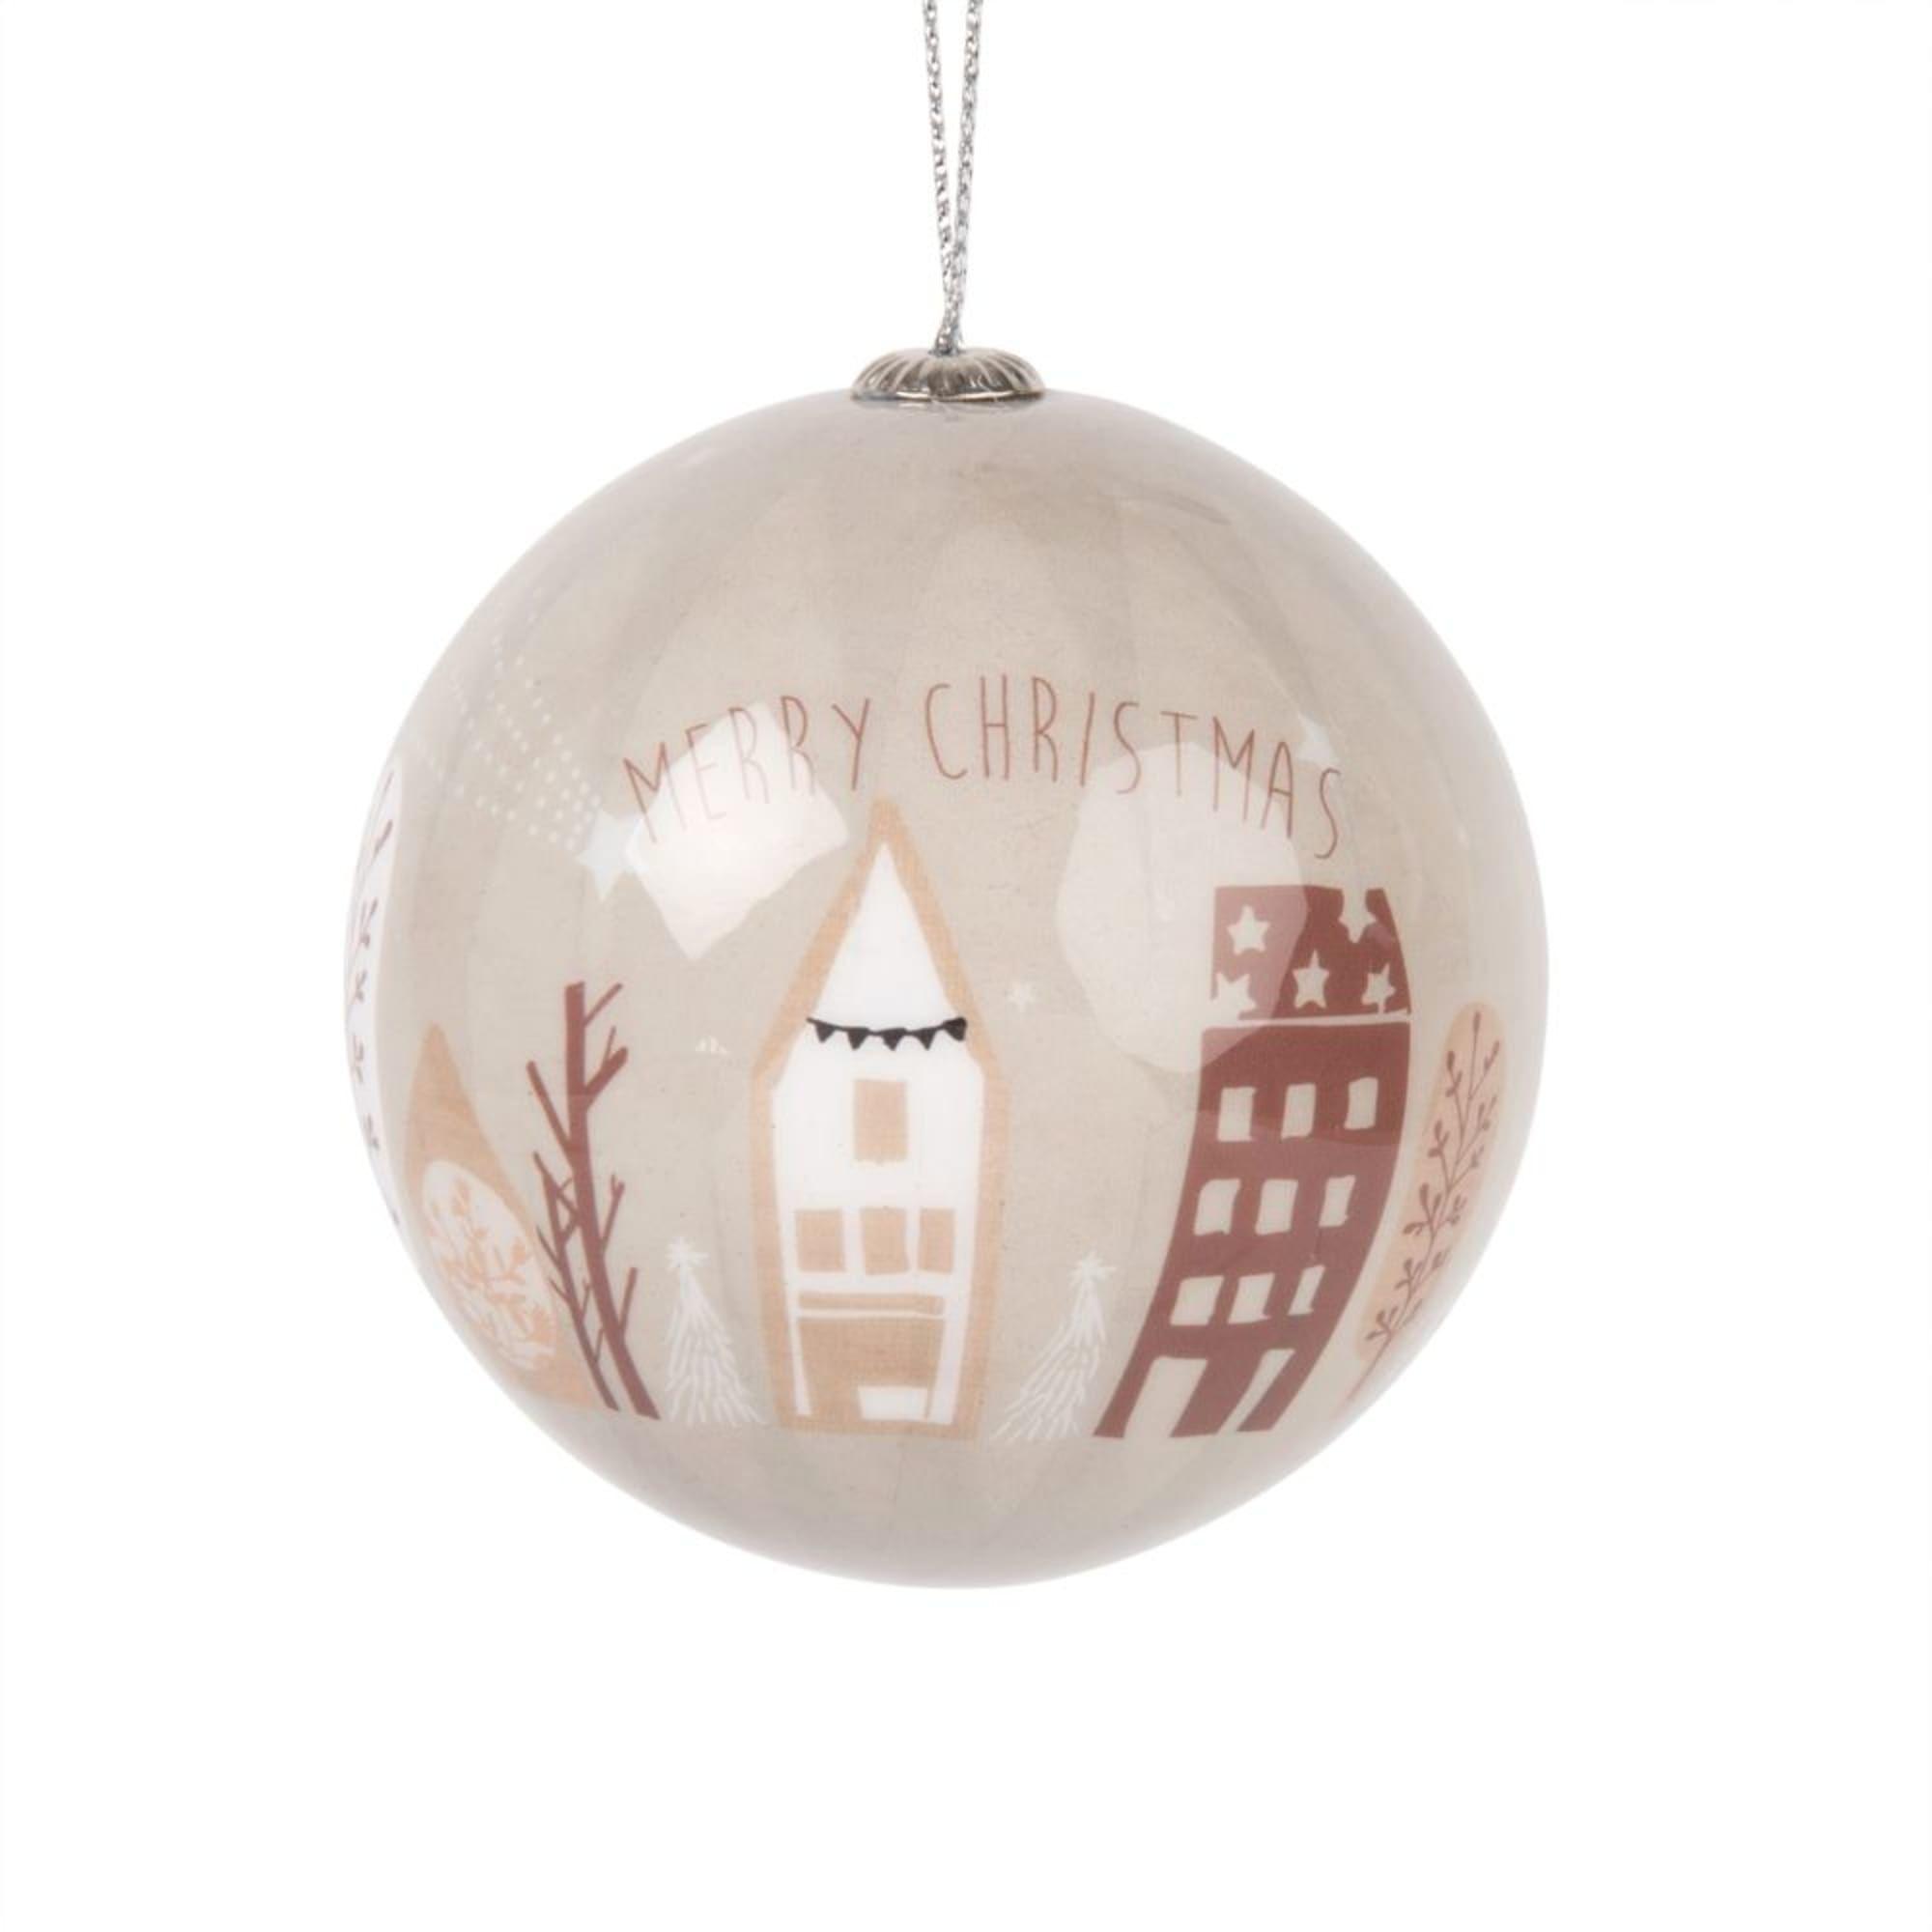 Boule de Noël en papier imprimé marron, beige et blanc #bouledenoel